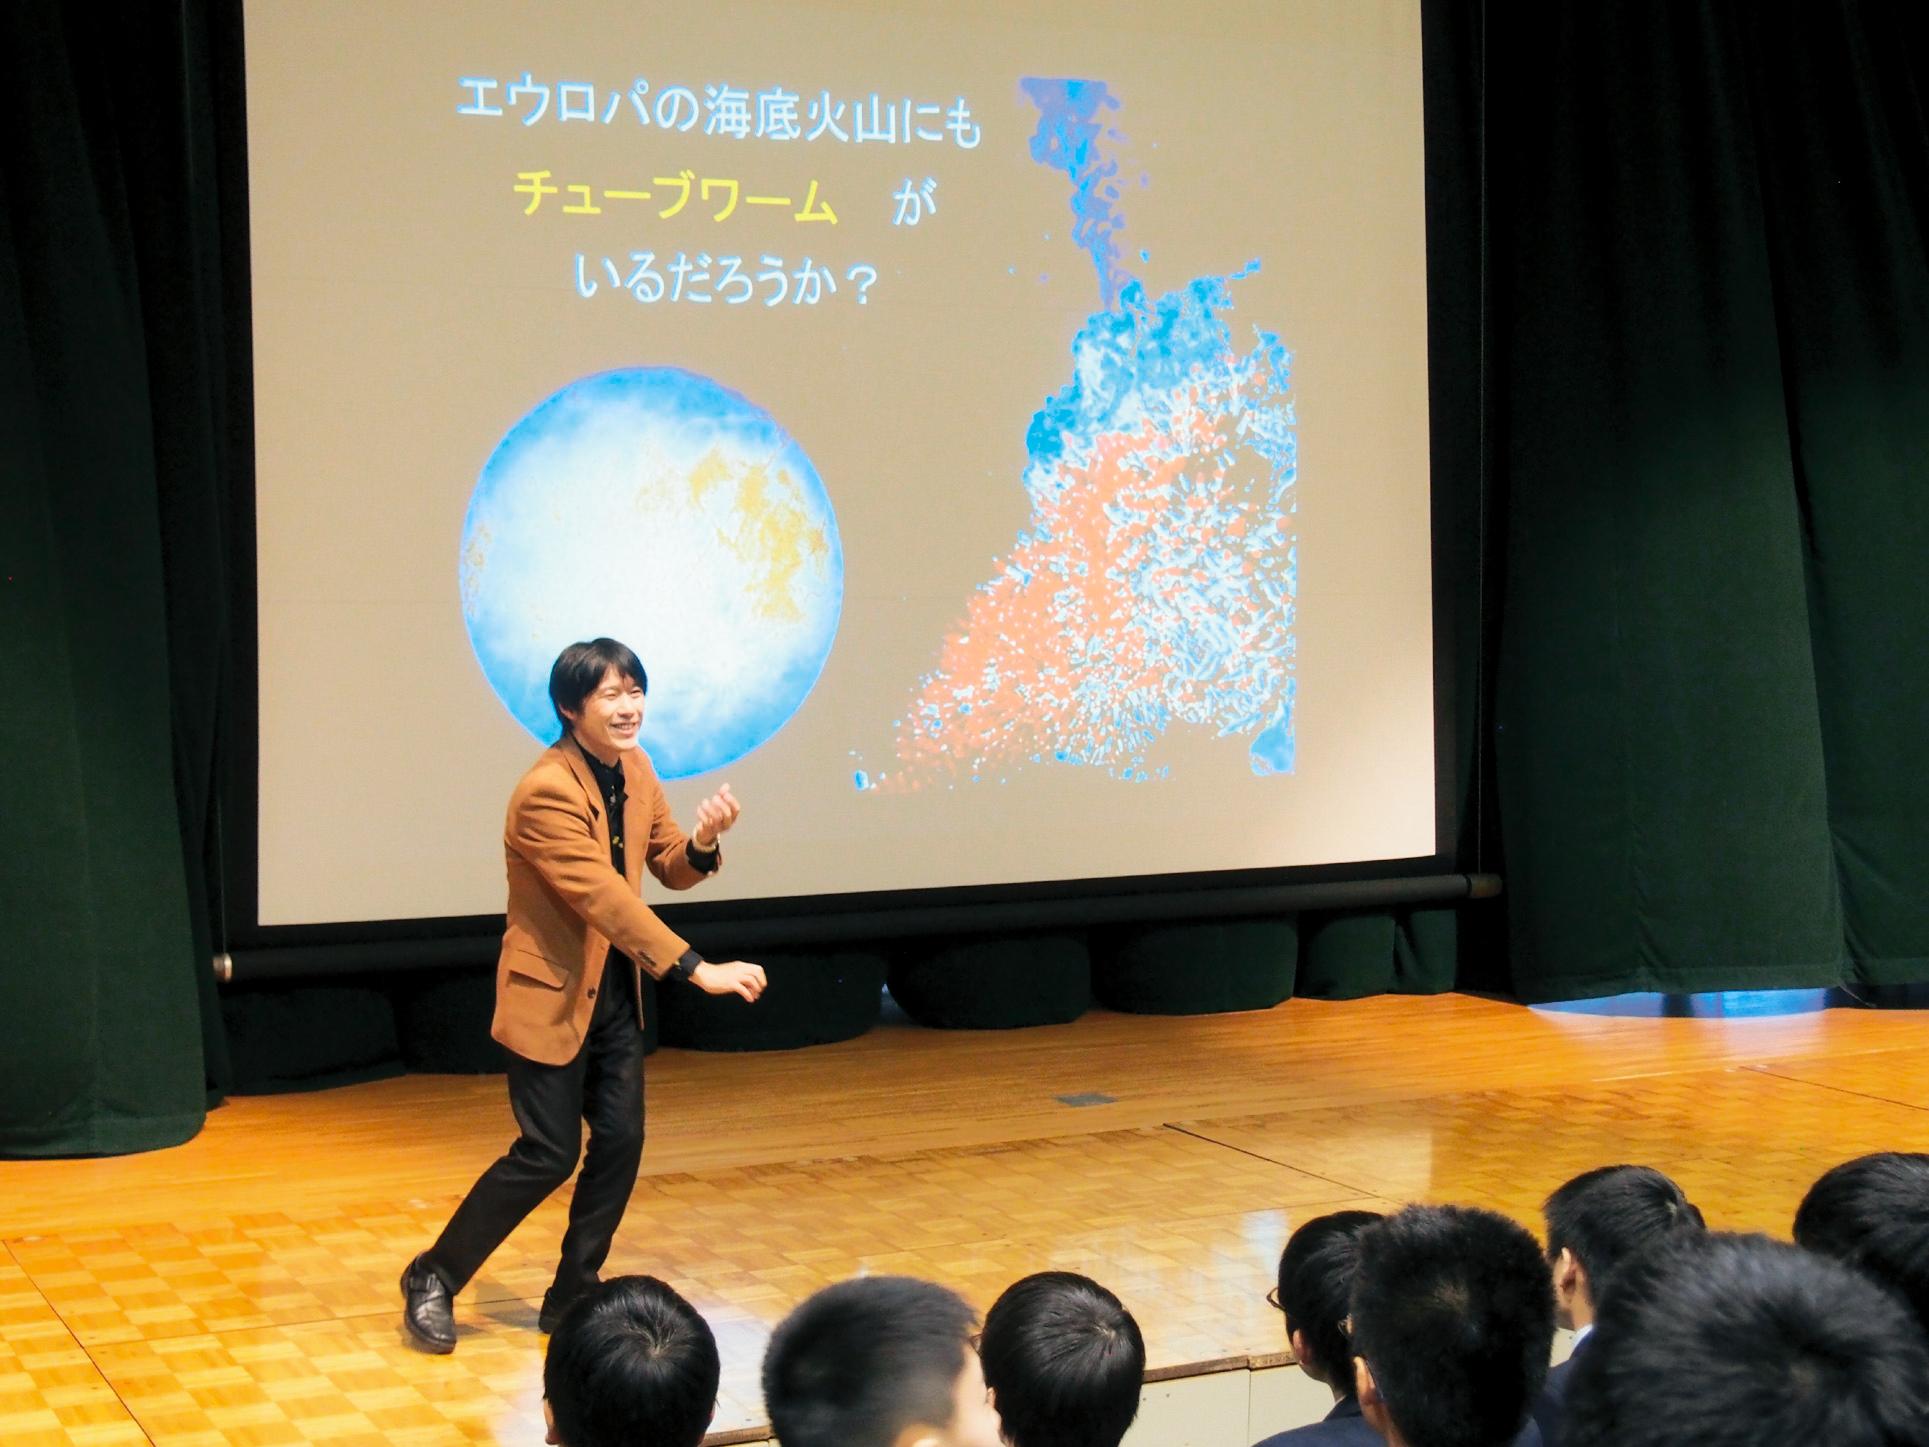 東広島・竹原のグルメ、ショッピング、暮らしに役立つ情報満載のポータルサイト ジモ通